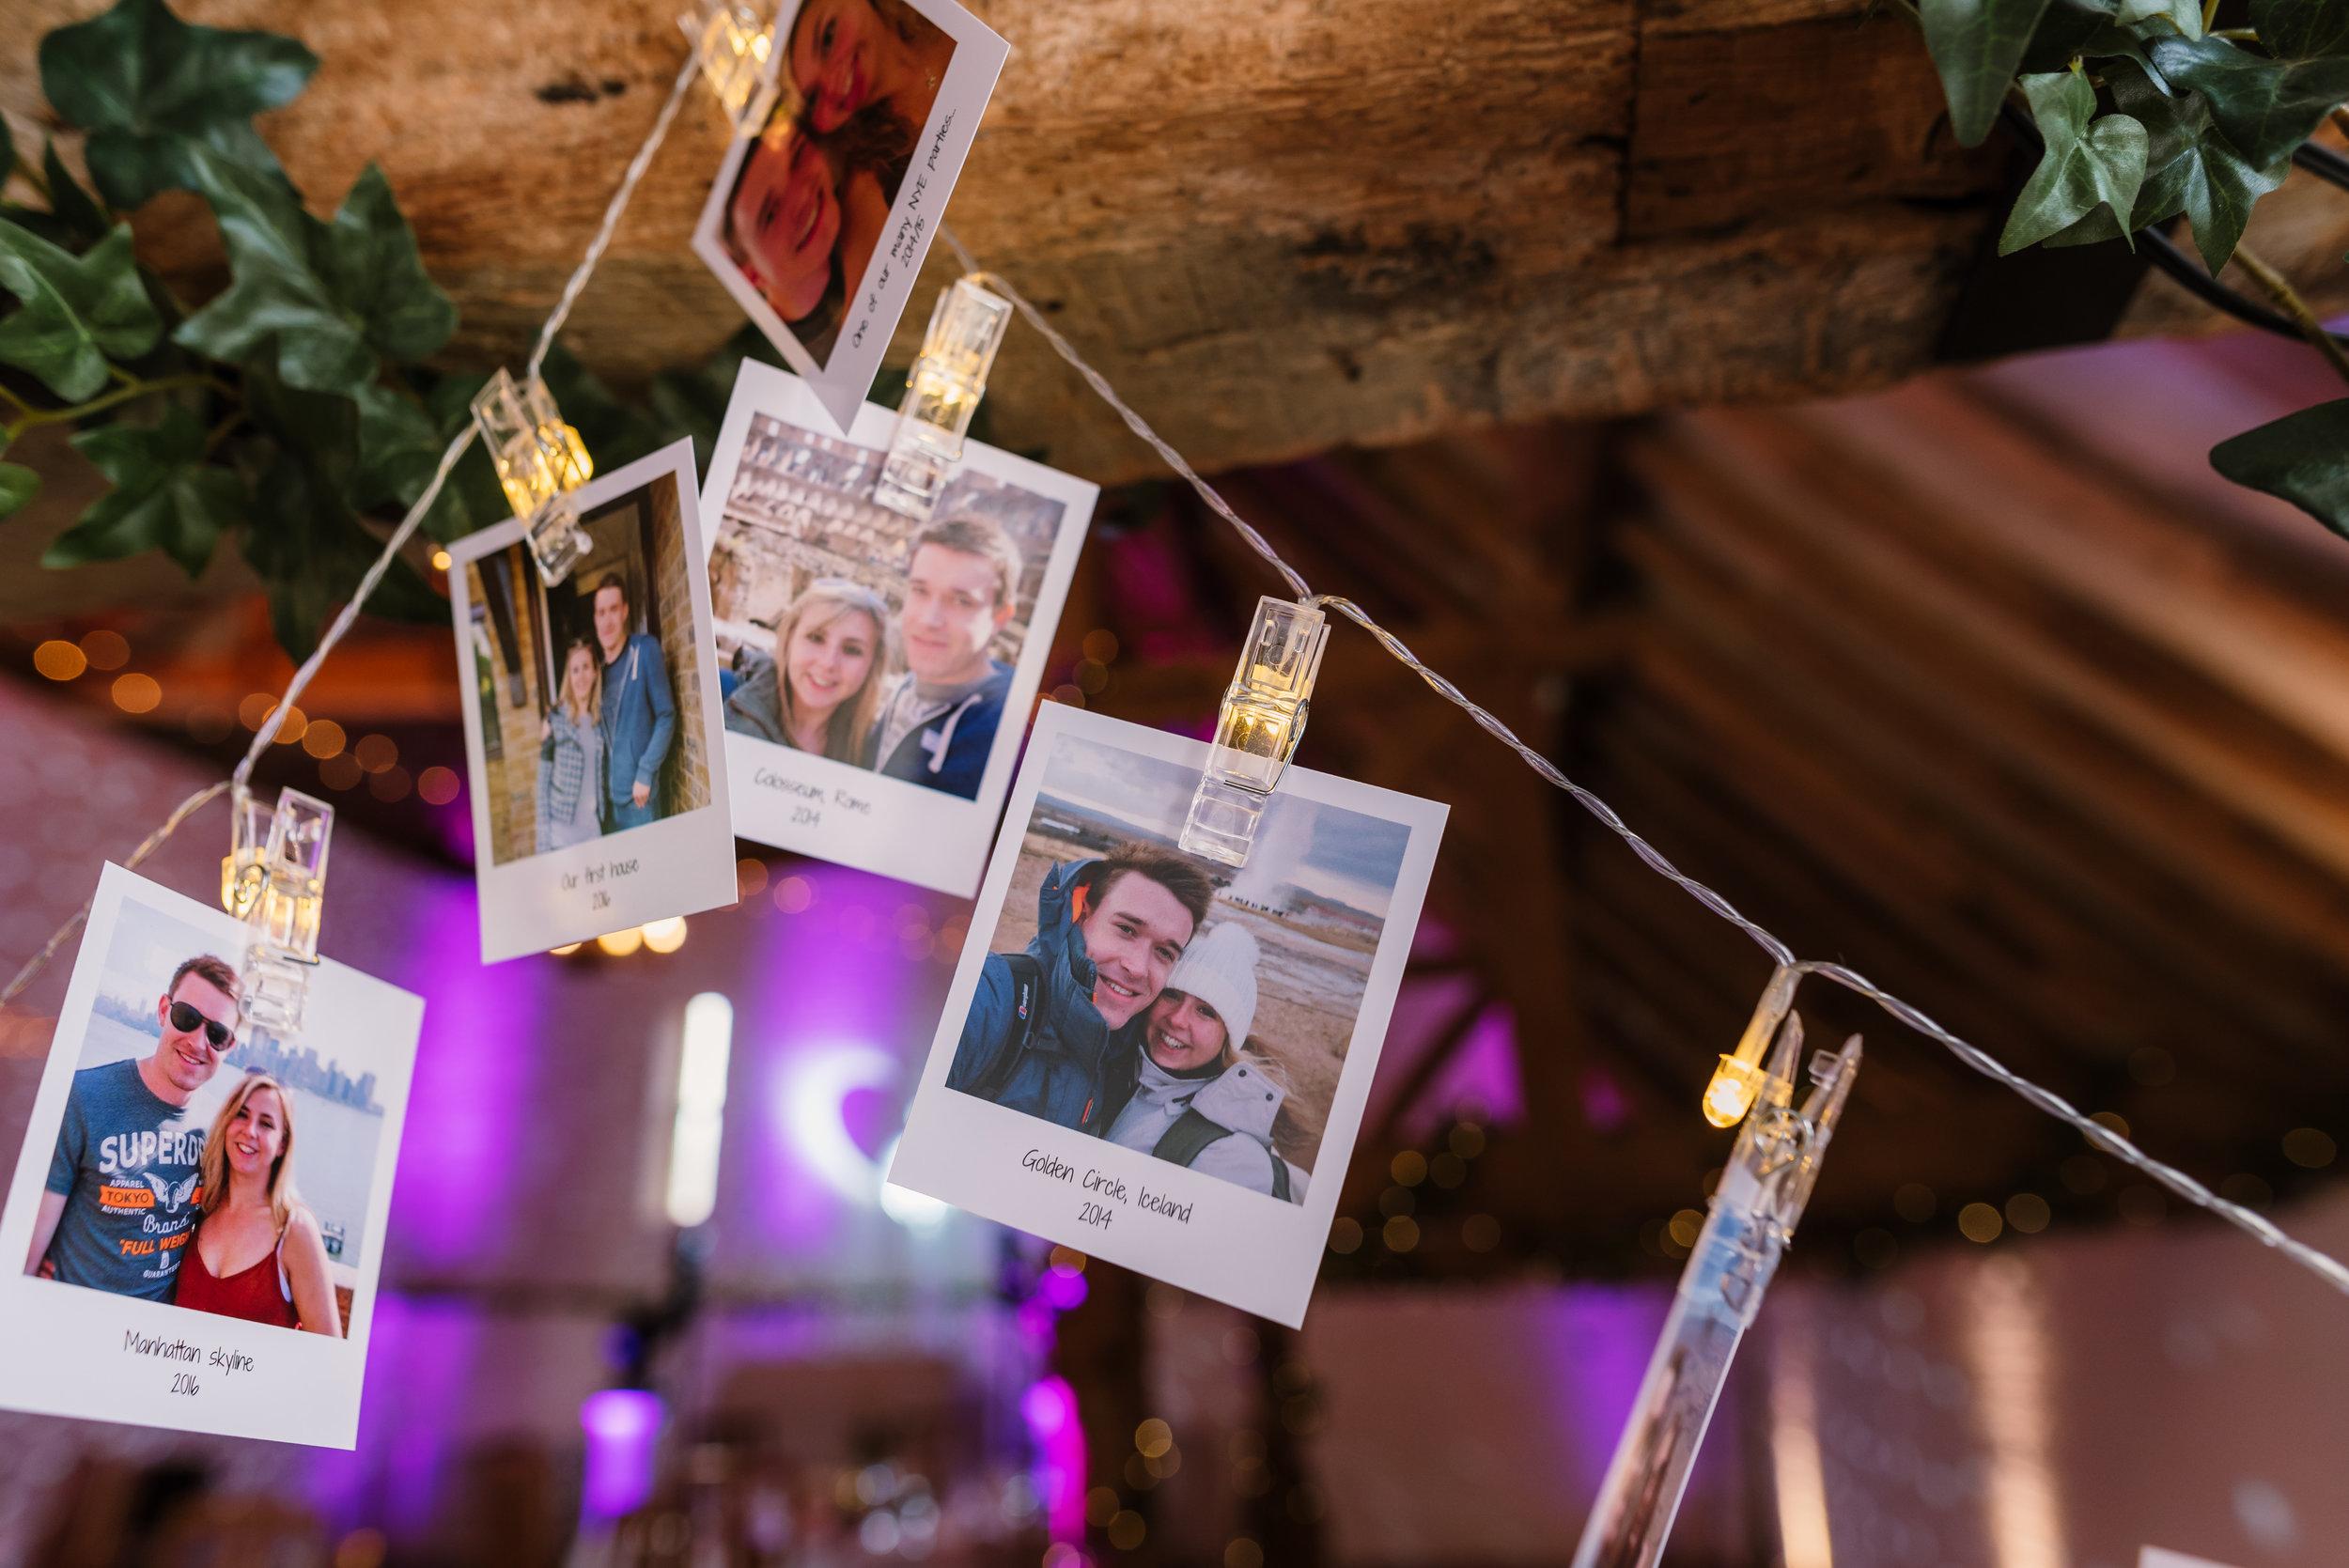 Hampshire Wedding Photographer Hampshire : Ufton-Court-Wedding : Barn-wedding-venue-hampshire : sarah-fishlock-photography : hampshire-barn-wedding-641.jpg